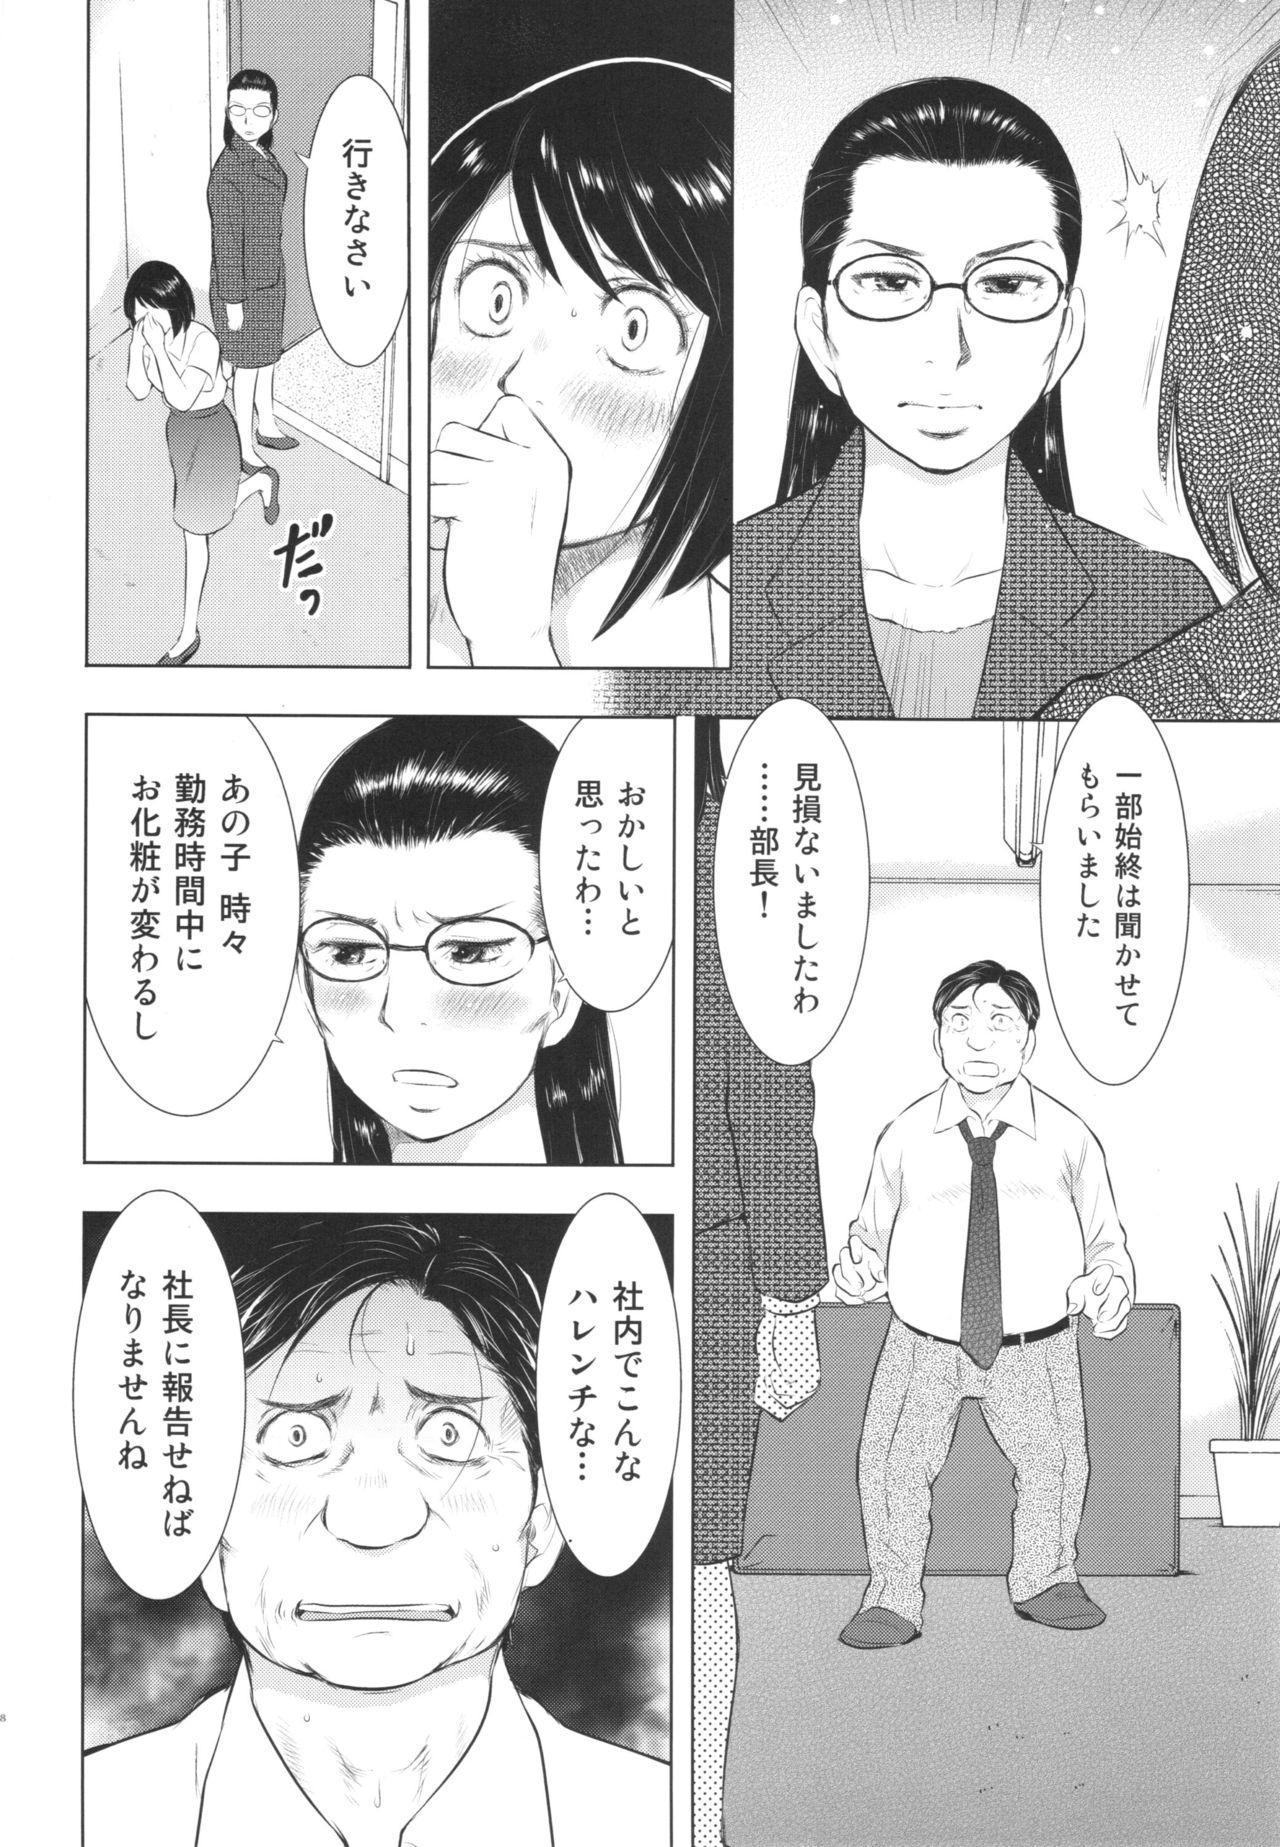 Hitozuma Zukan 2 37